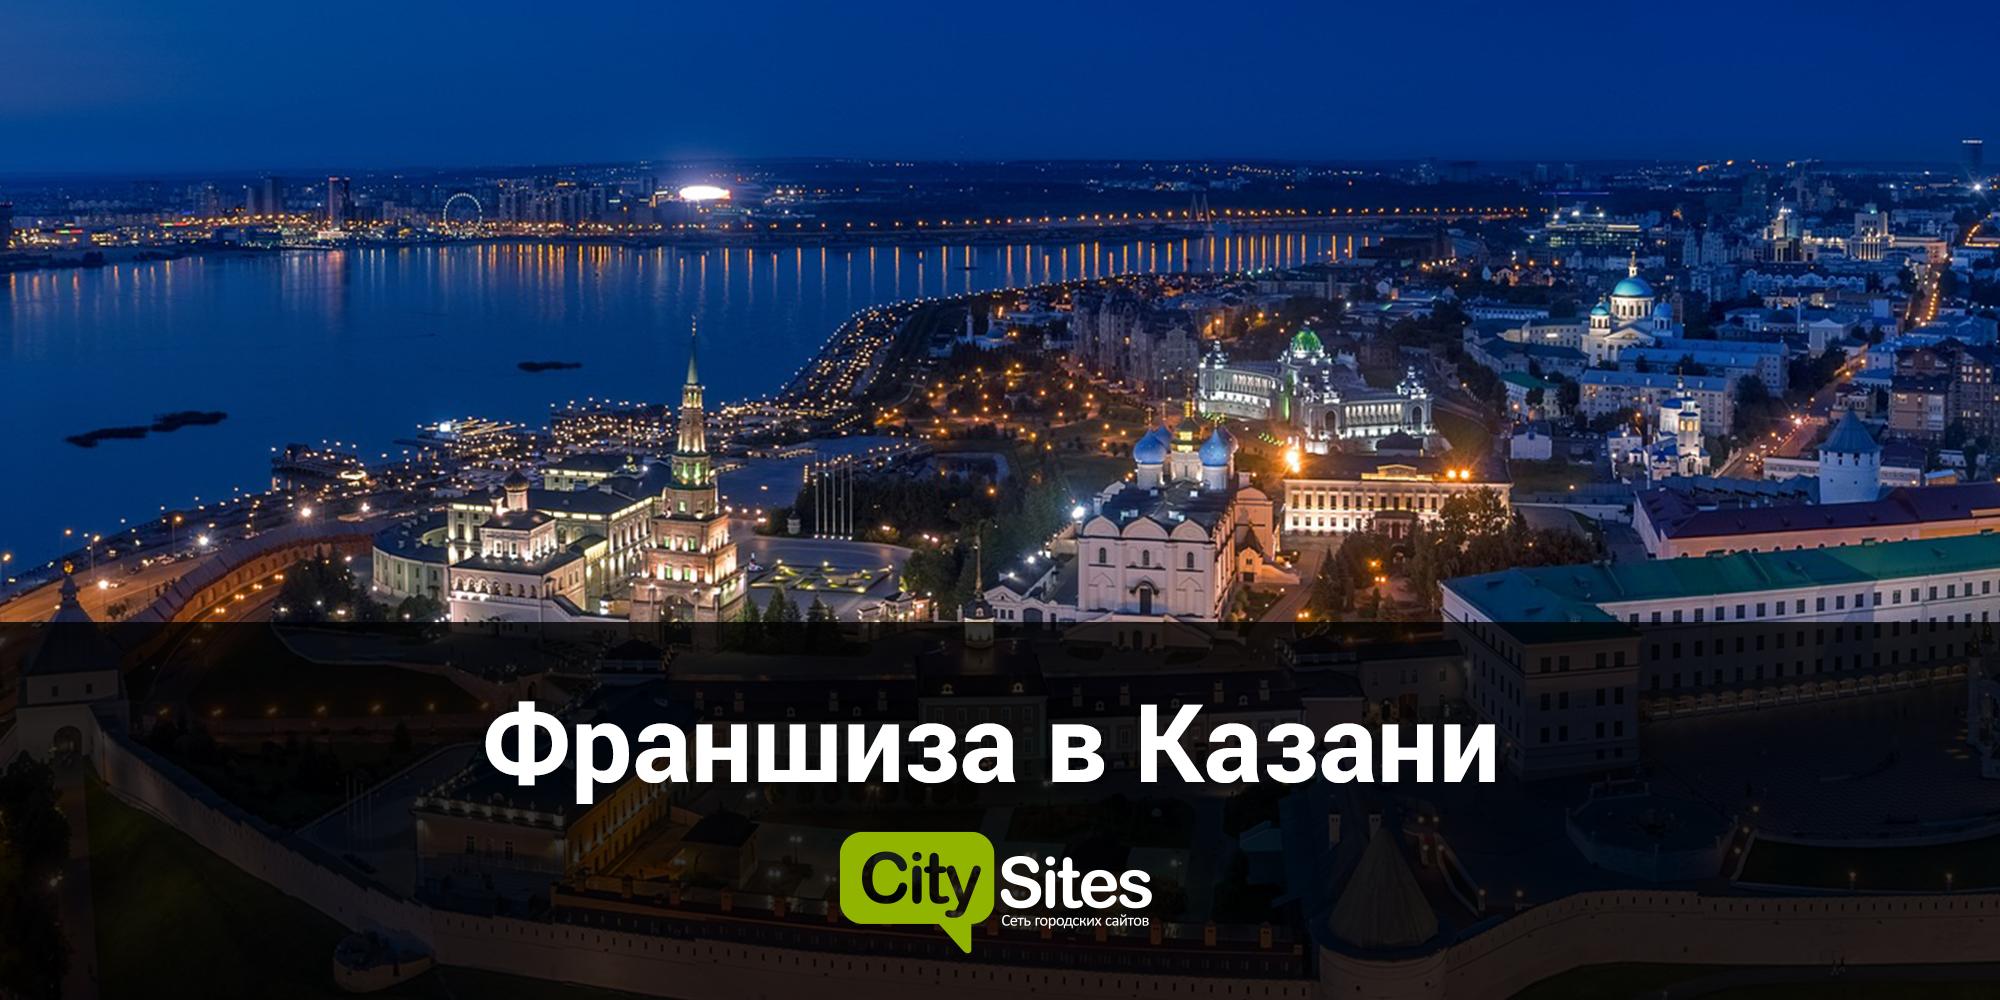 цена франшизы в Казани